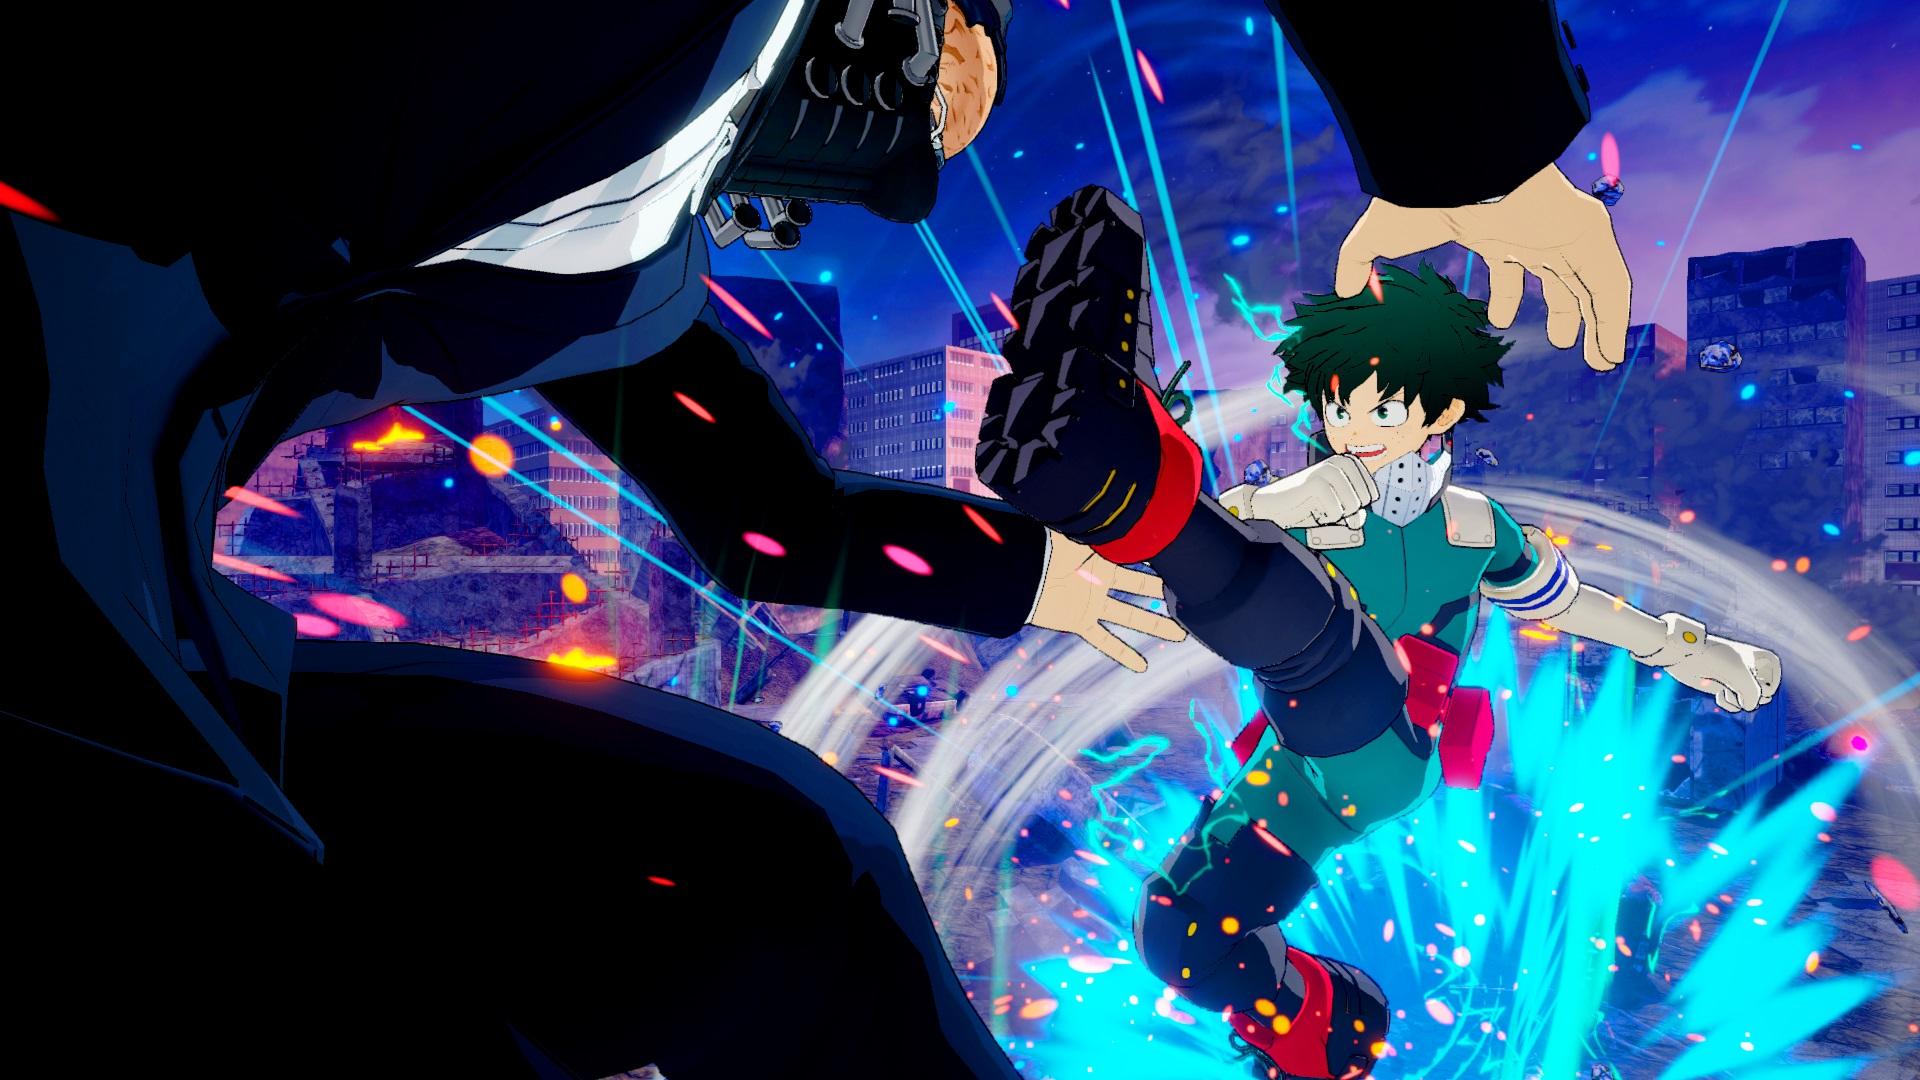 My Hero Ones Justice Screenshots Show Izuku Midoriya